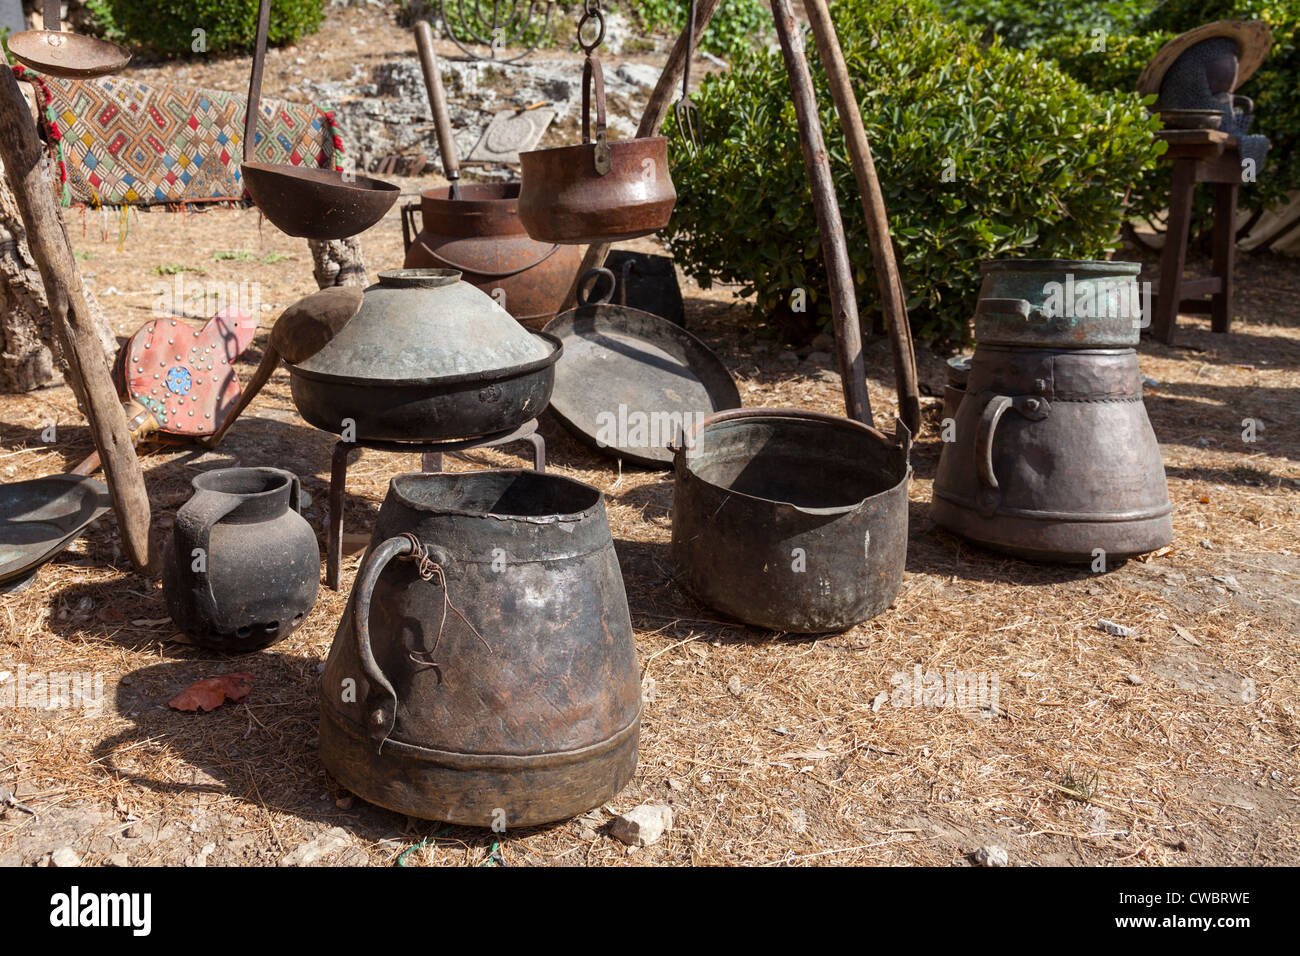 Tente d'une bouilloire en fonte le Moyen Âge dans la Foire Médiévale à Óbidos, Portugal. Photo Stock